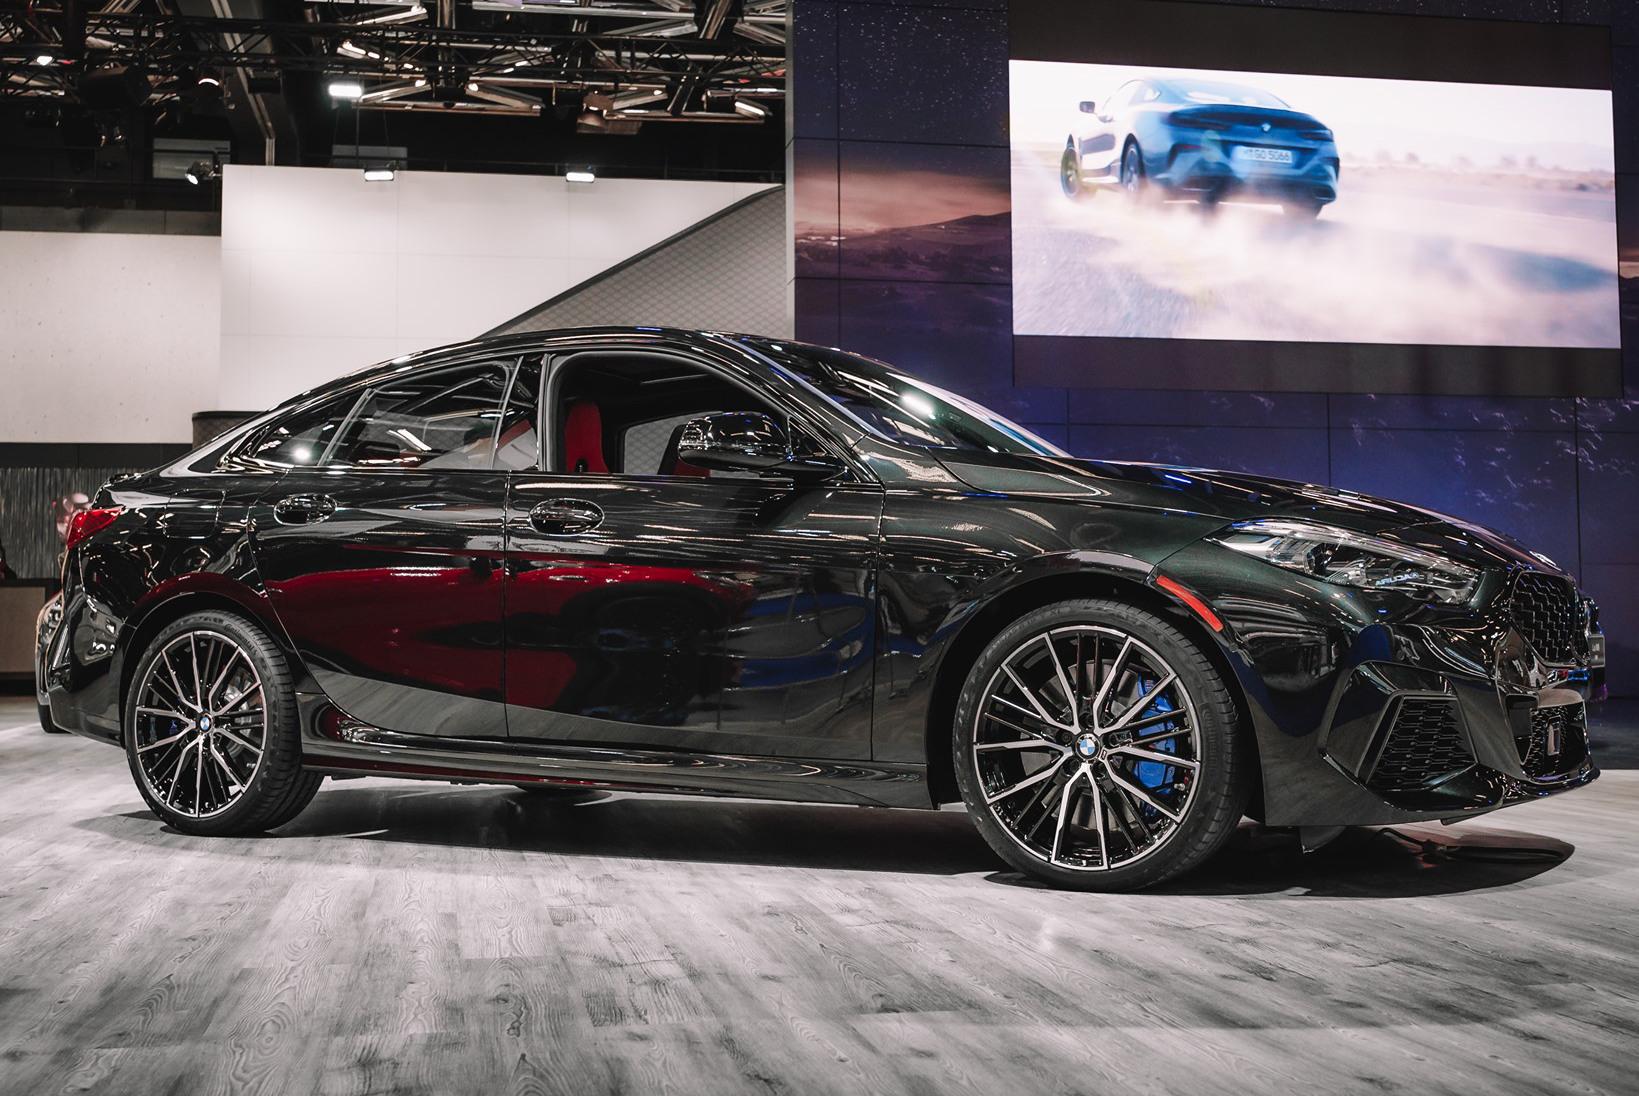 オールブラック!「BMW新型2シリーズグランクーペ(F44)」がカッコいい!旧型3シリーズE90とサイズ感が近しいのも良いですね♪